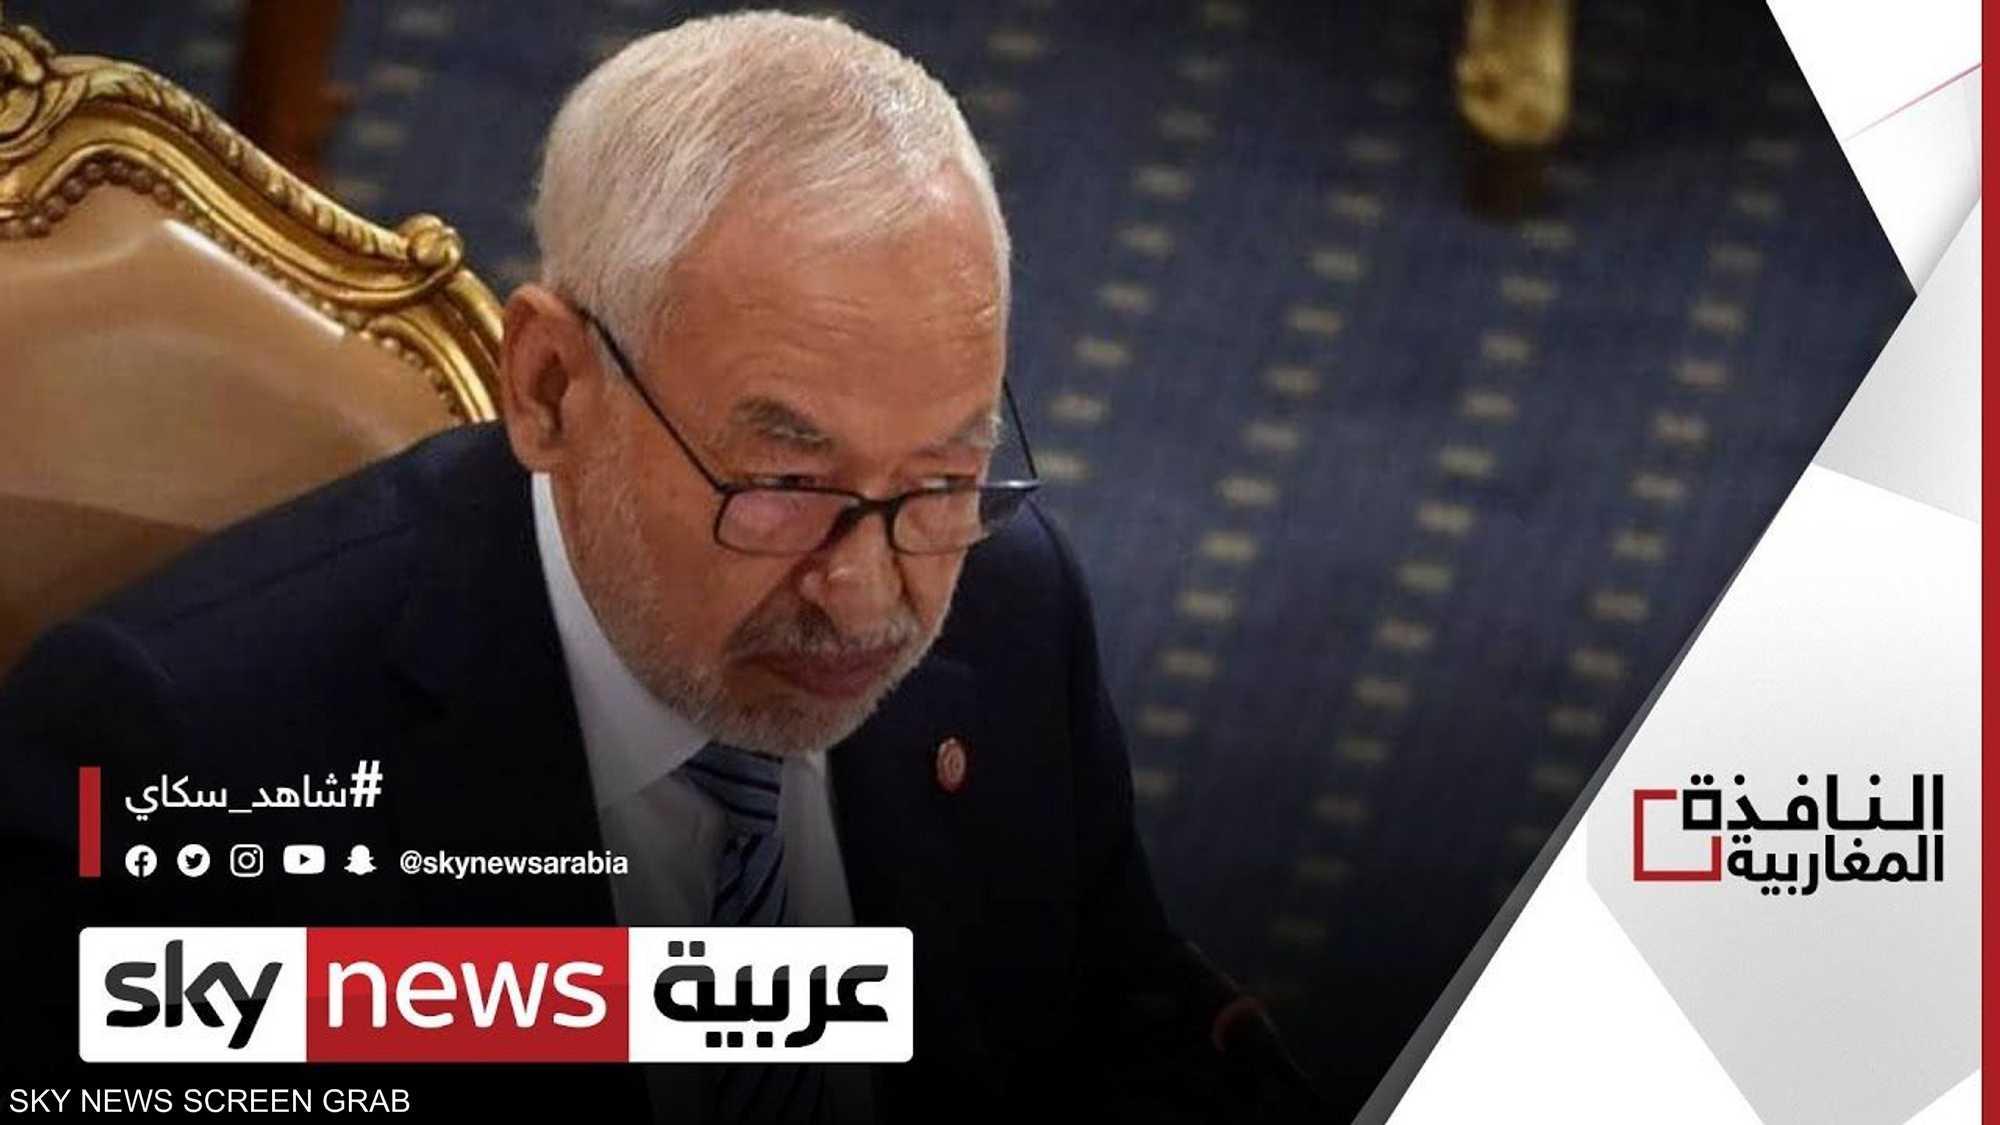 تونس.. كيف سيكون المشهد السياسي في ظل خلافات حركة النهضة؟